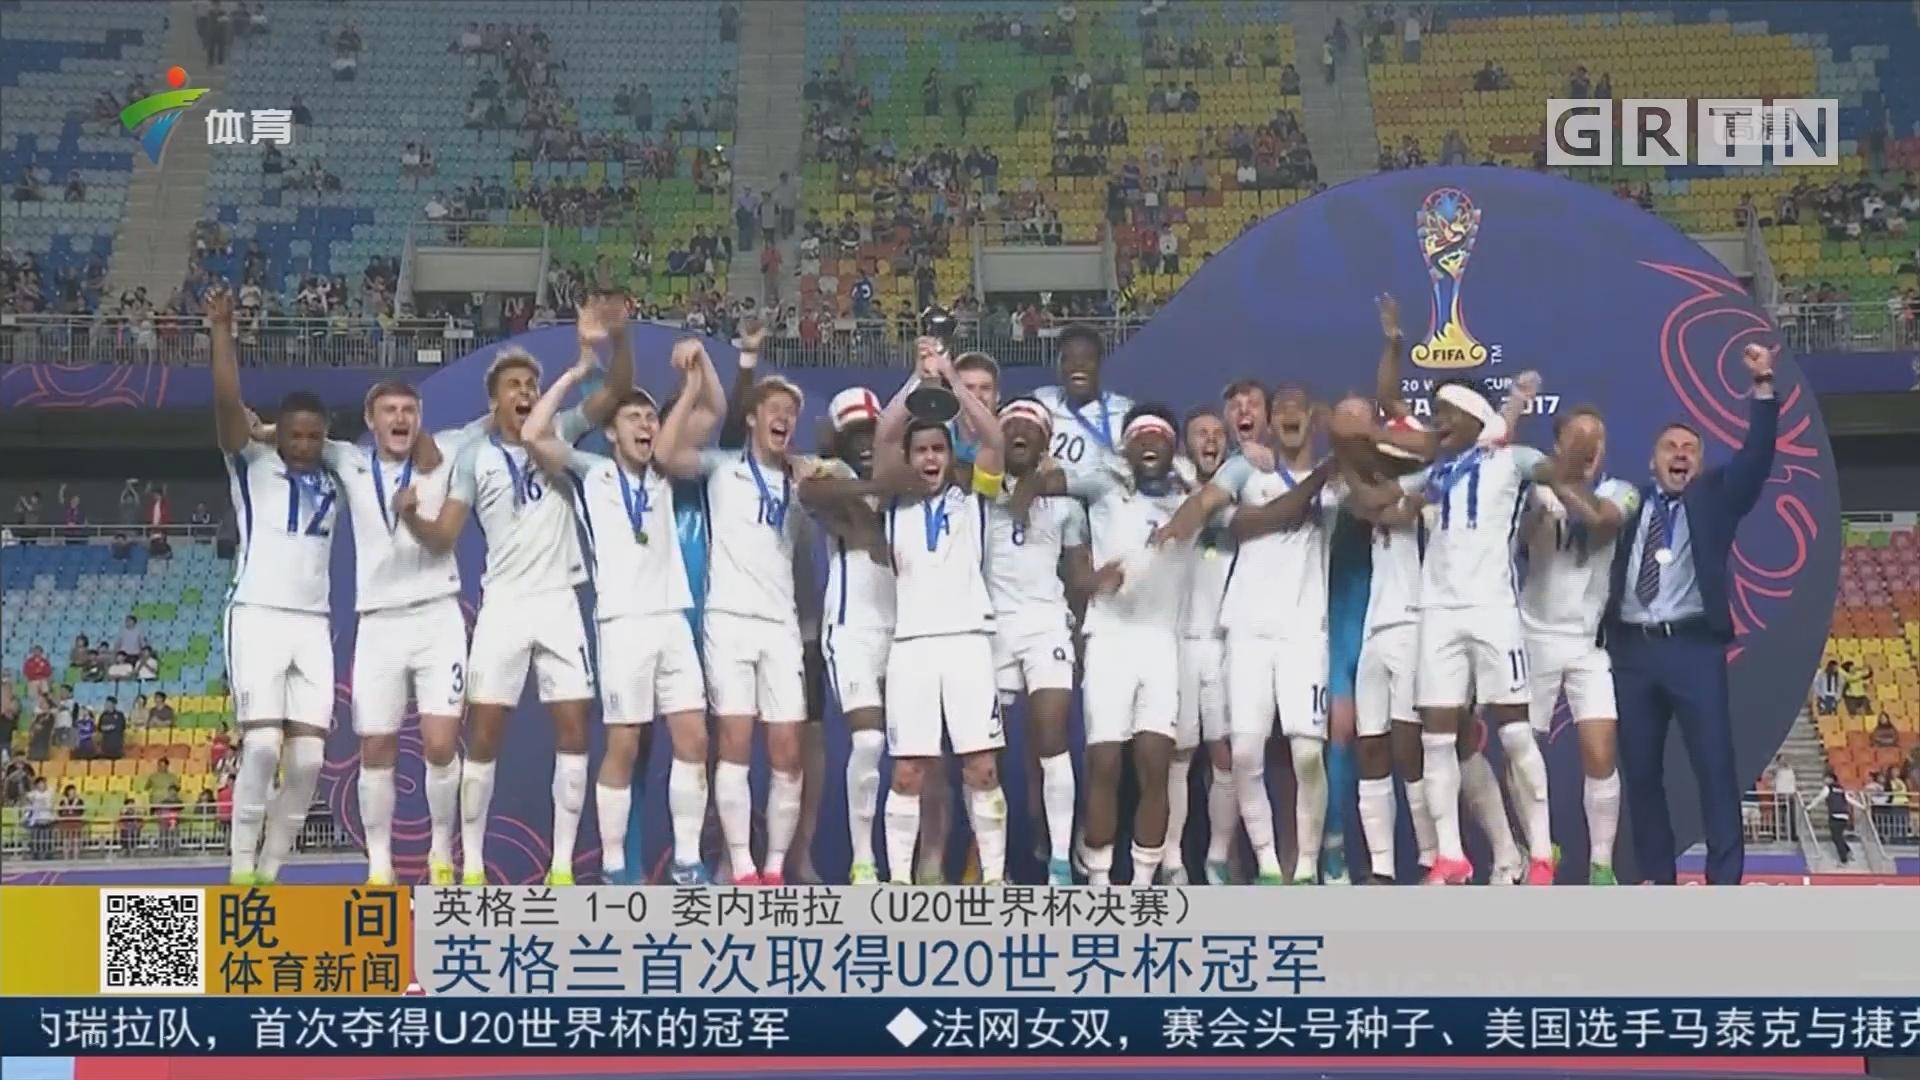 英格兰首次取得U20世界杯冠军